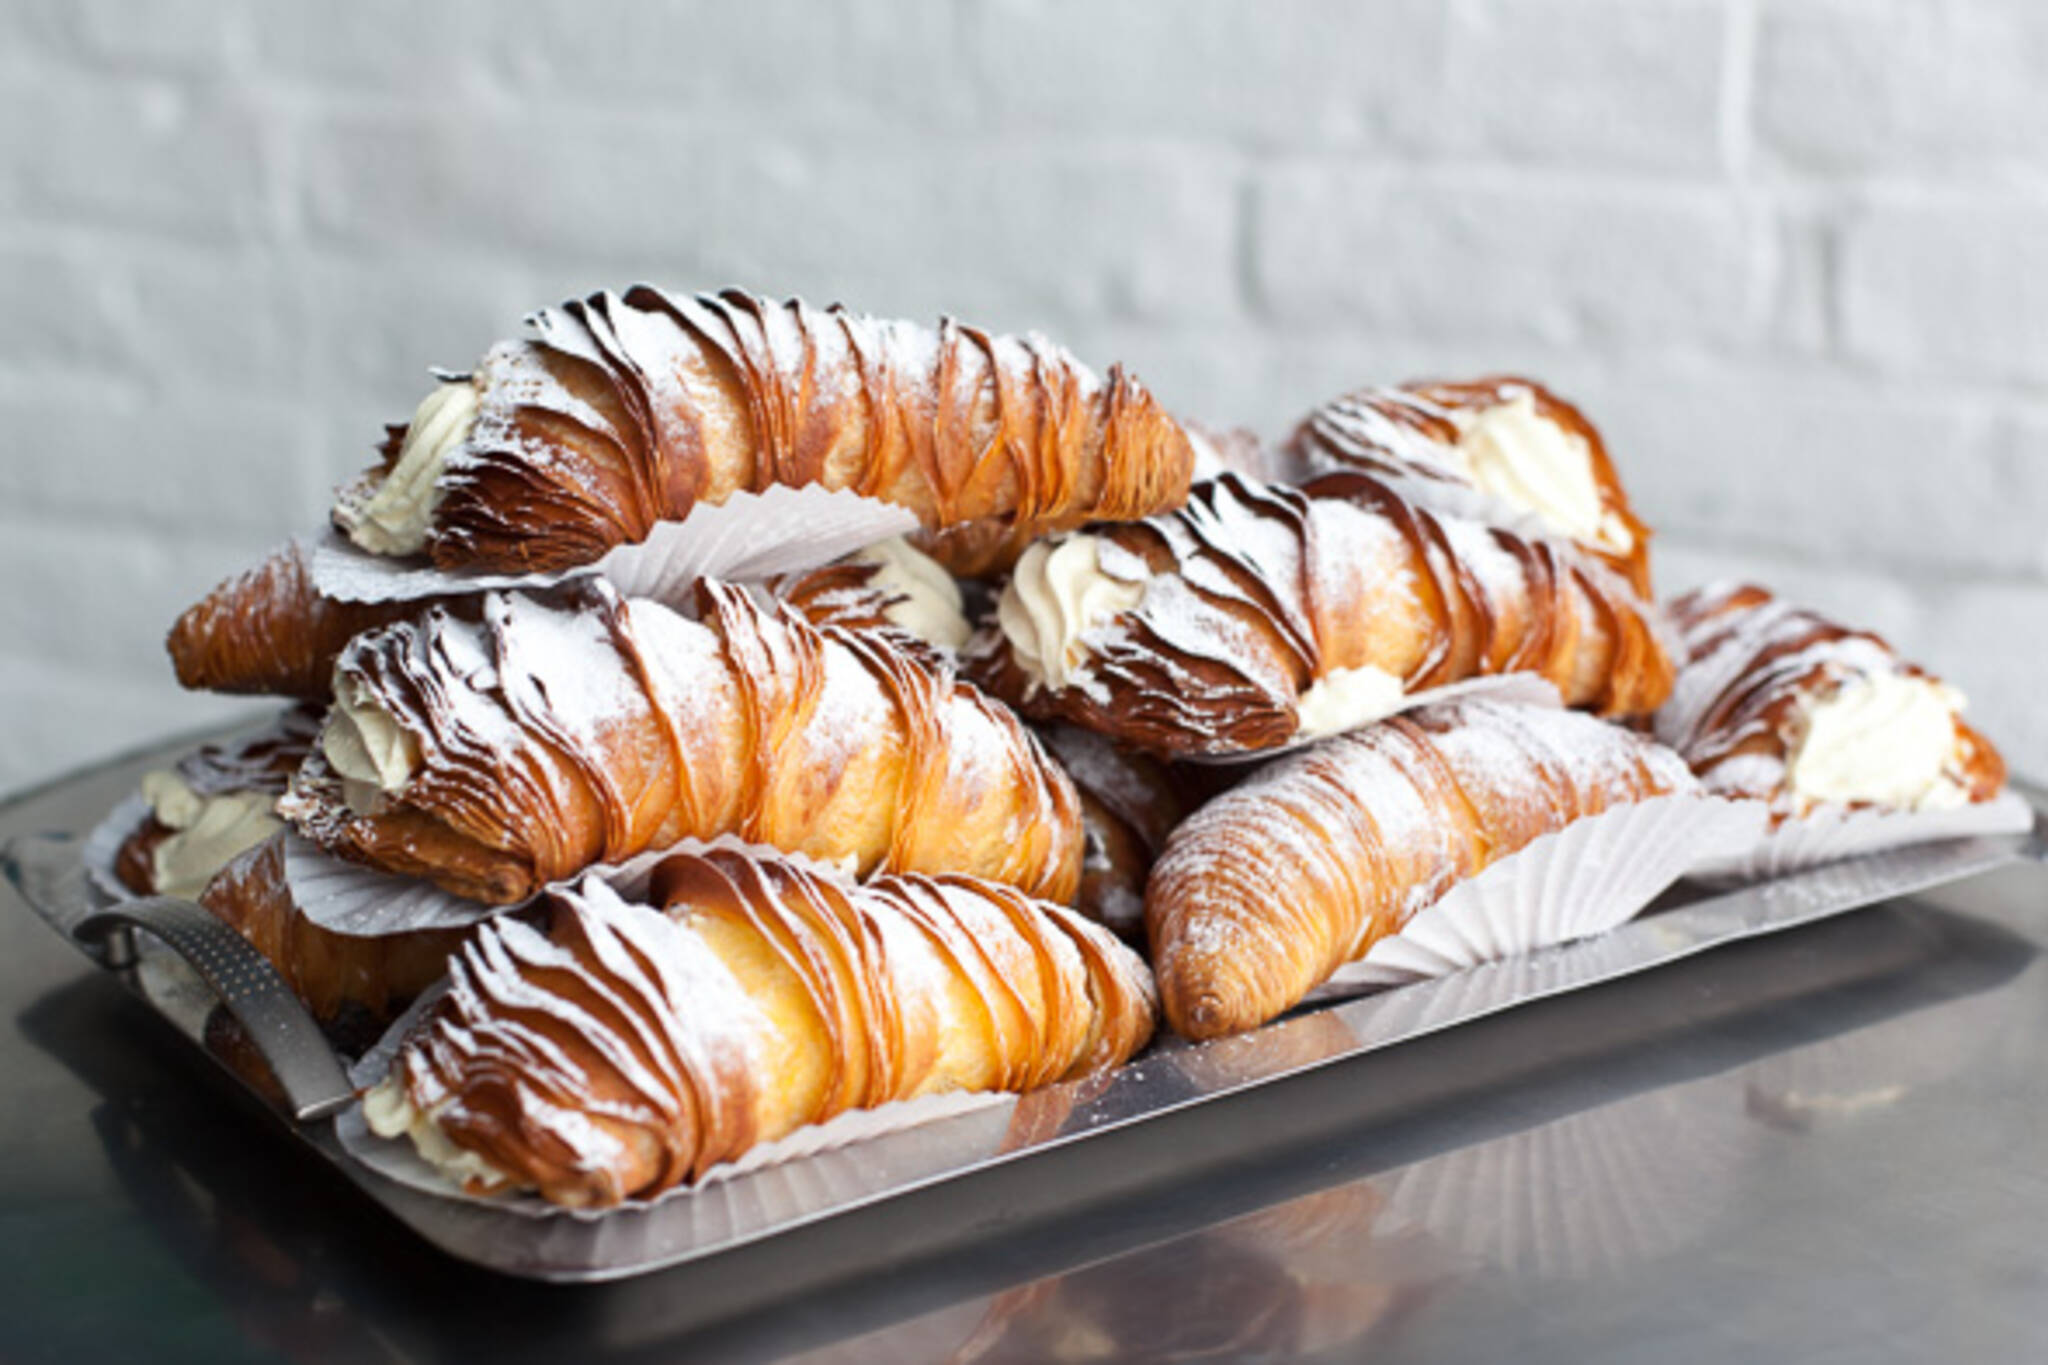 Lamannas Bakery